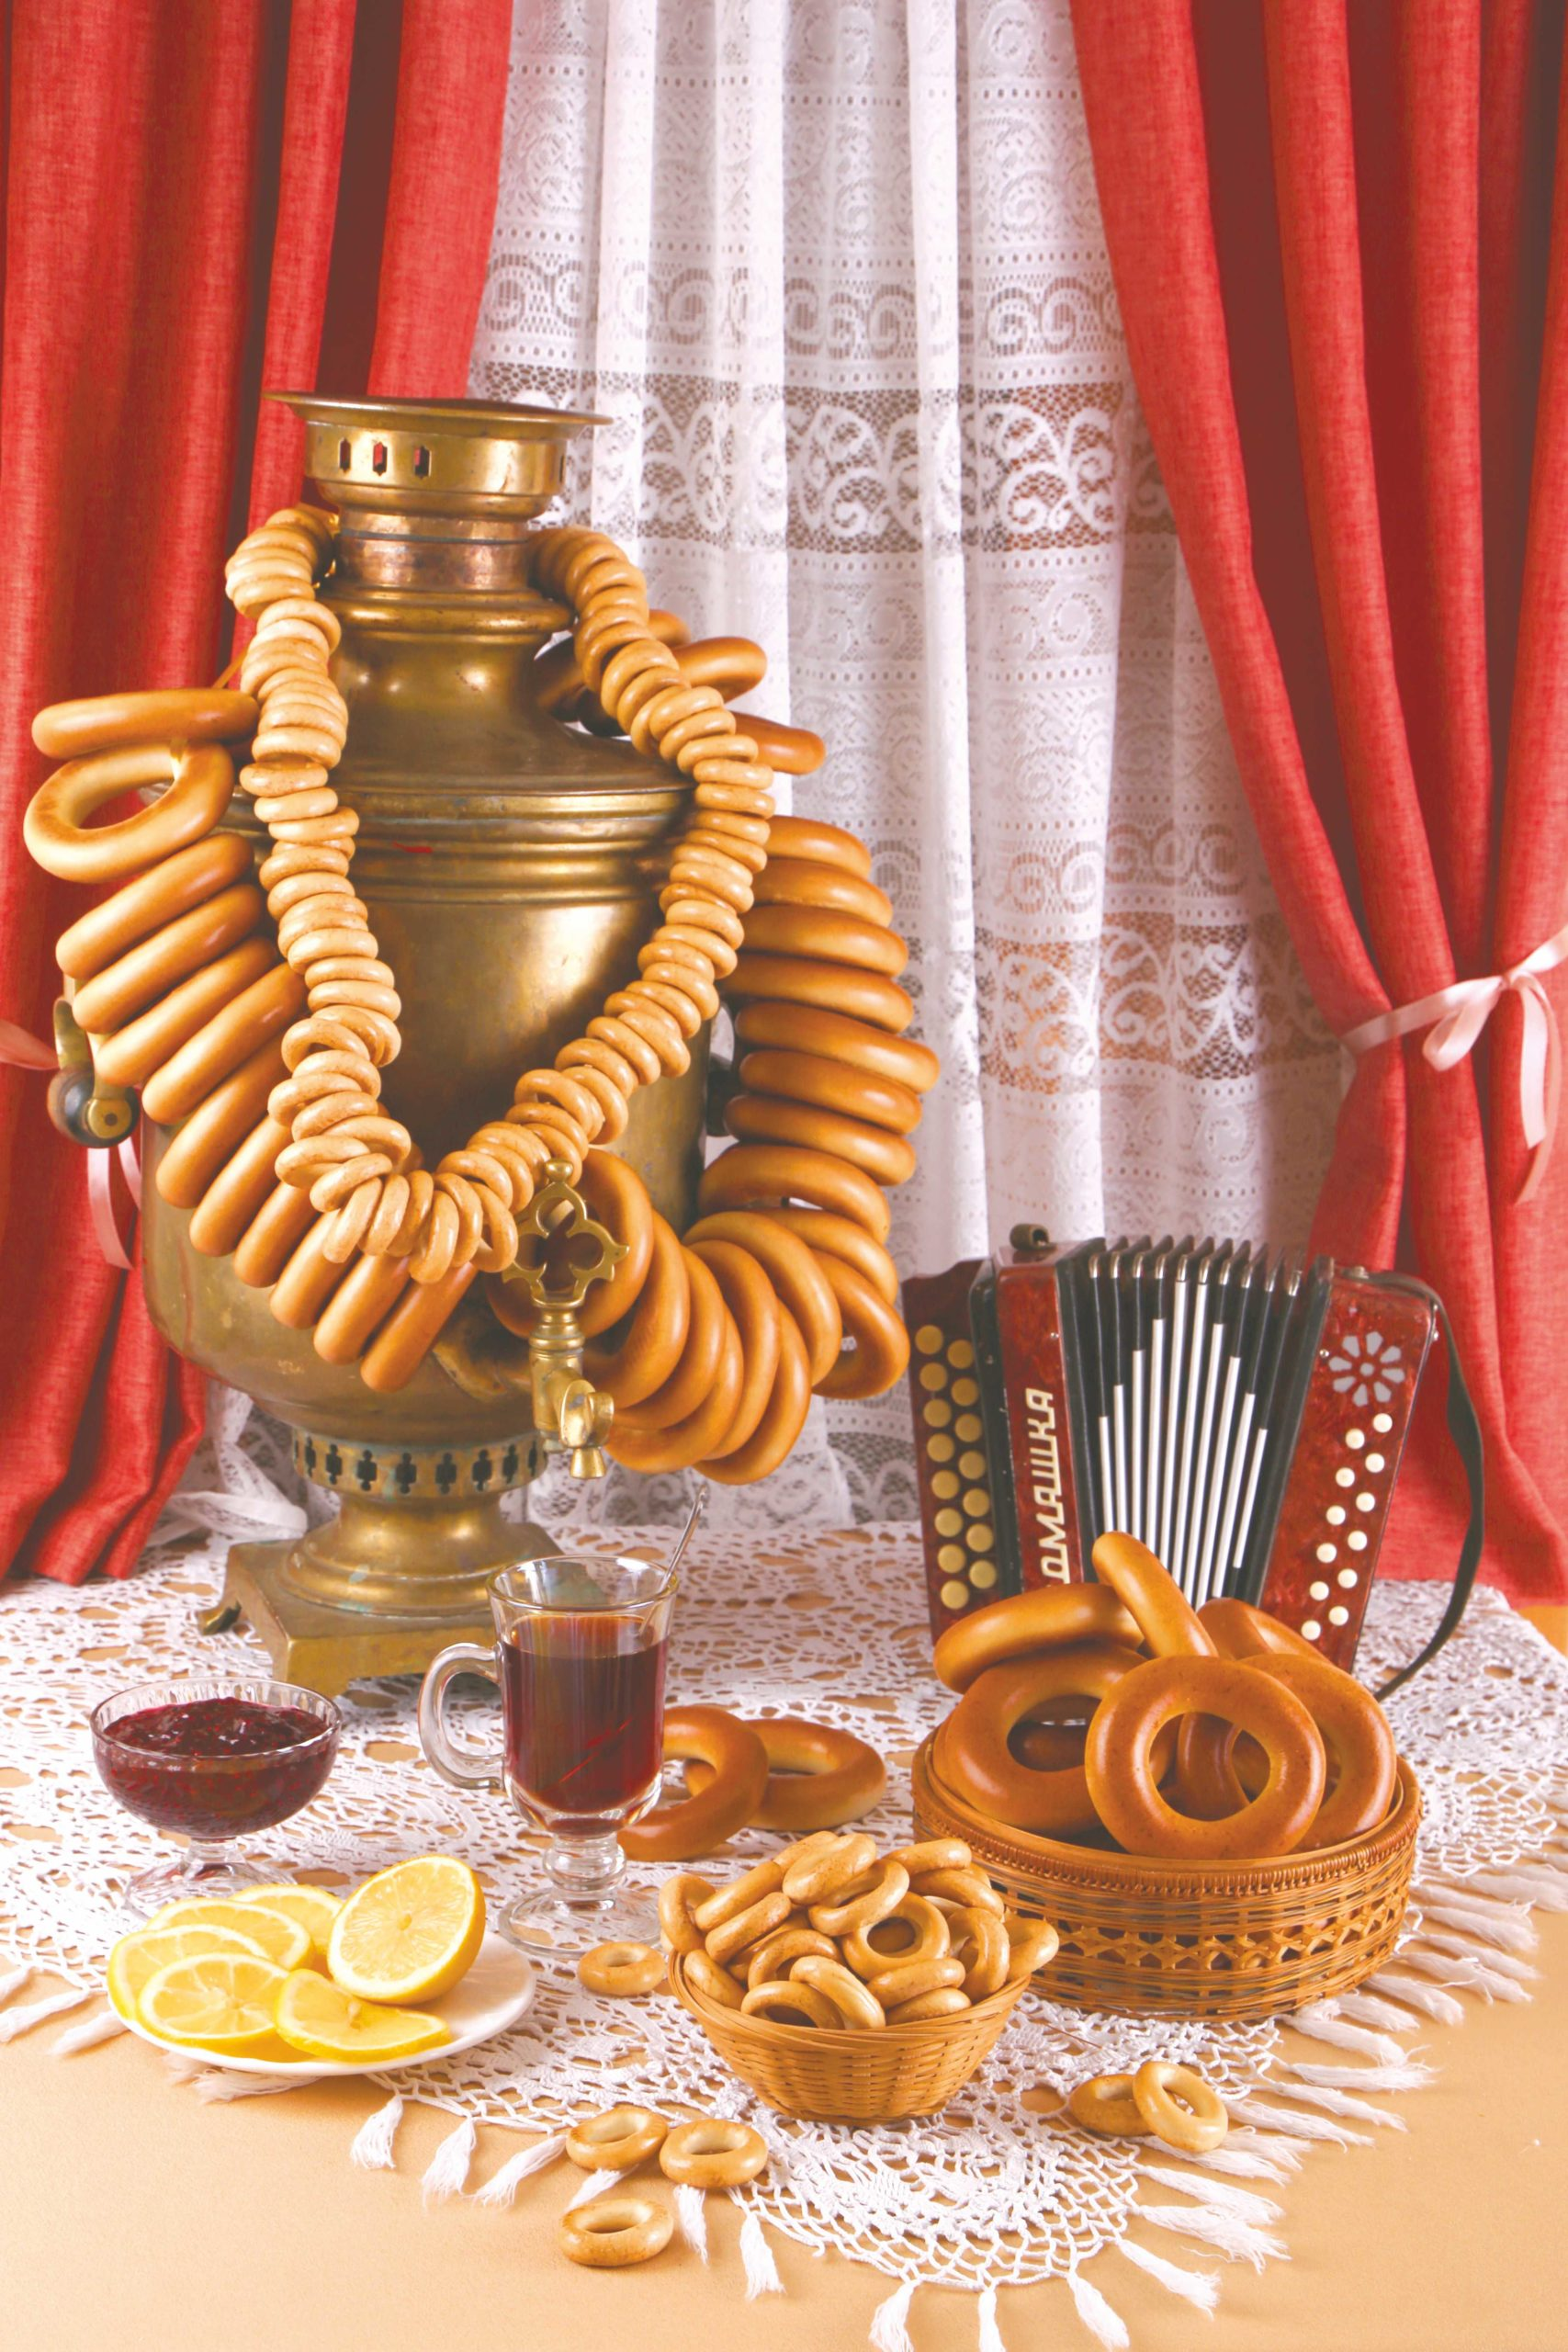 Сушки от тверского производителя примут участие в национальном конкурсе «Вкусы России»